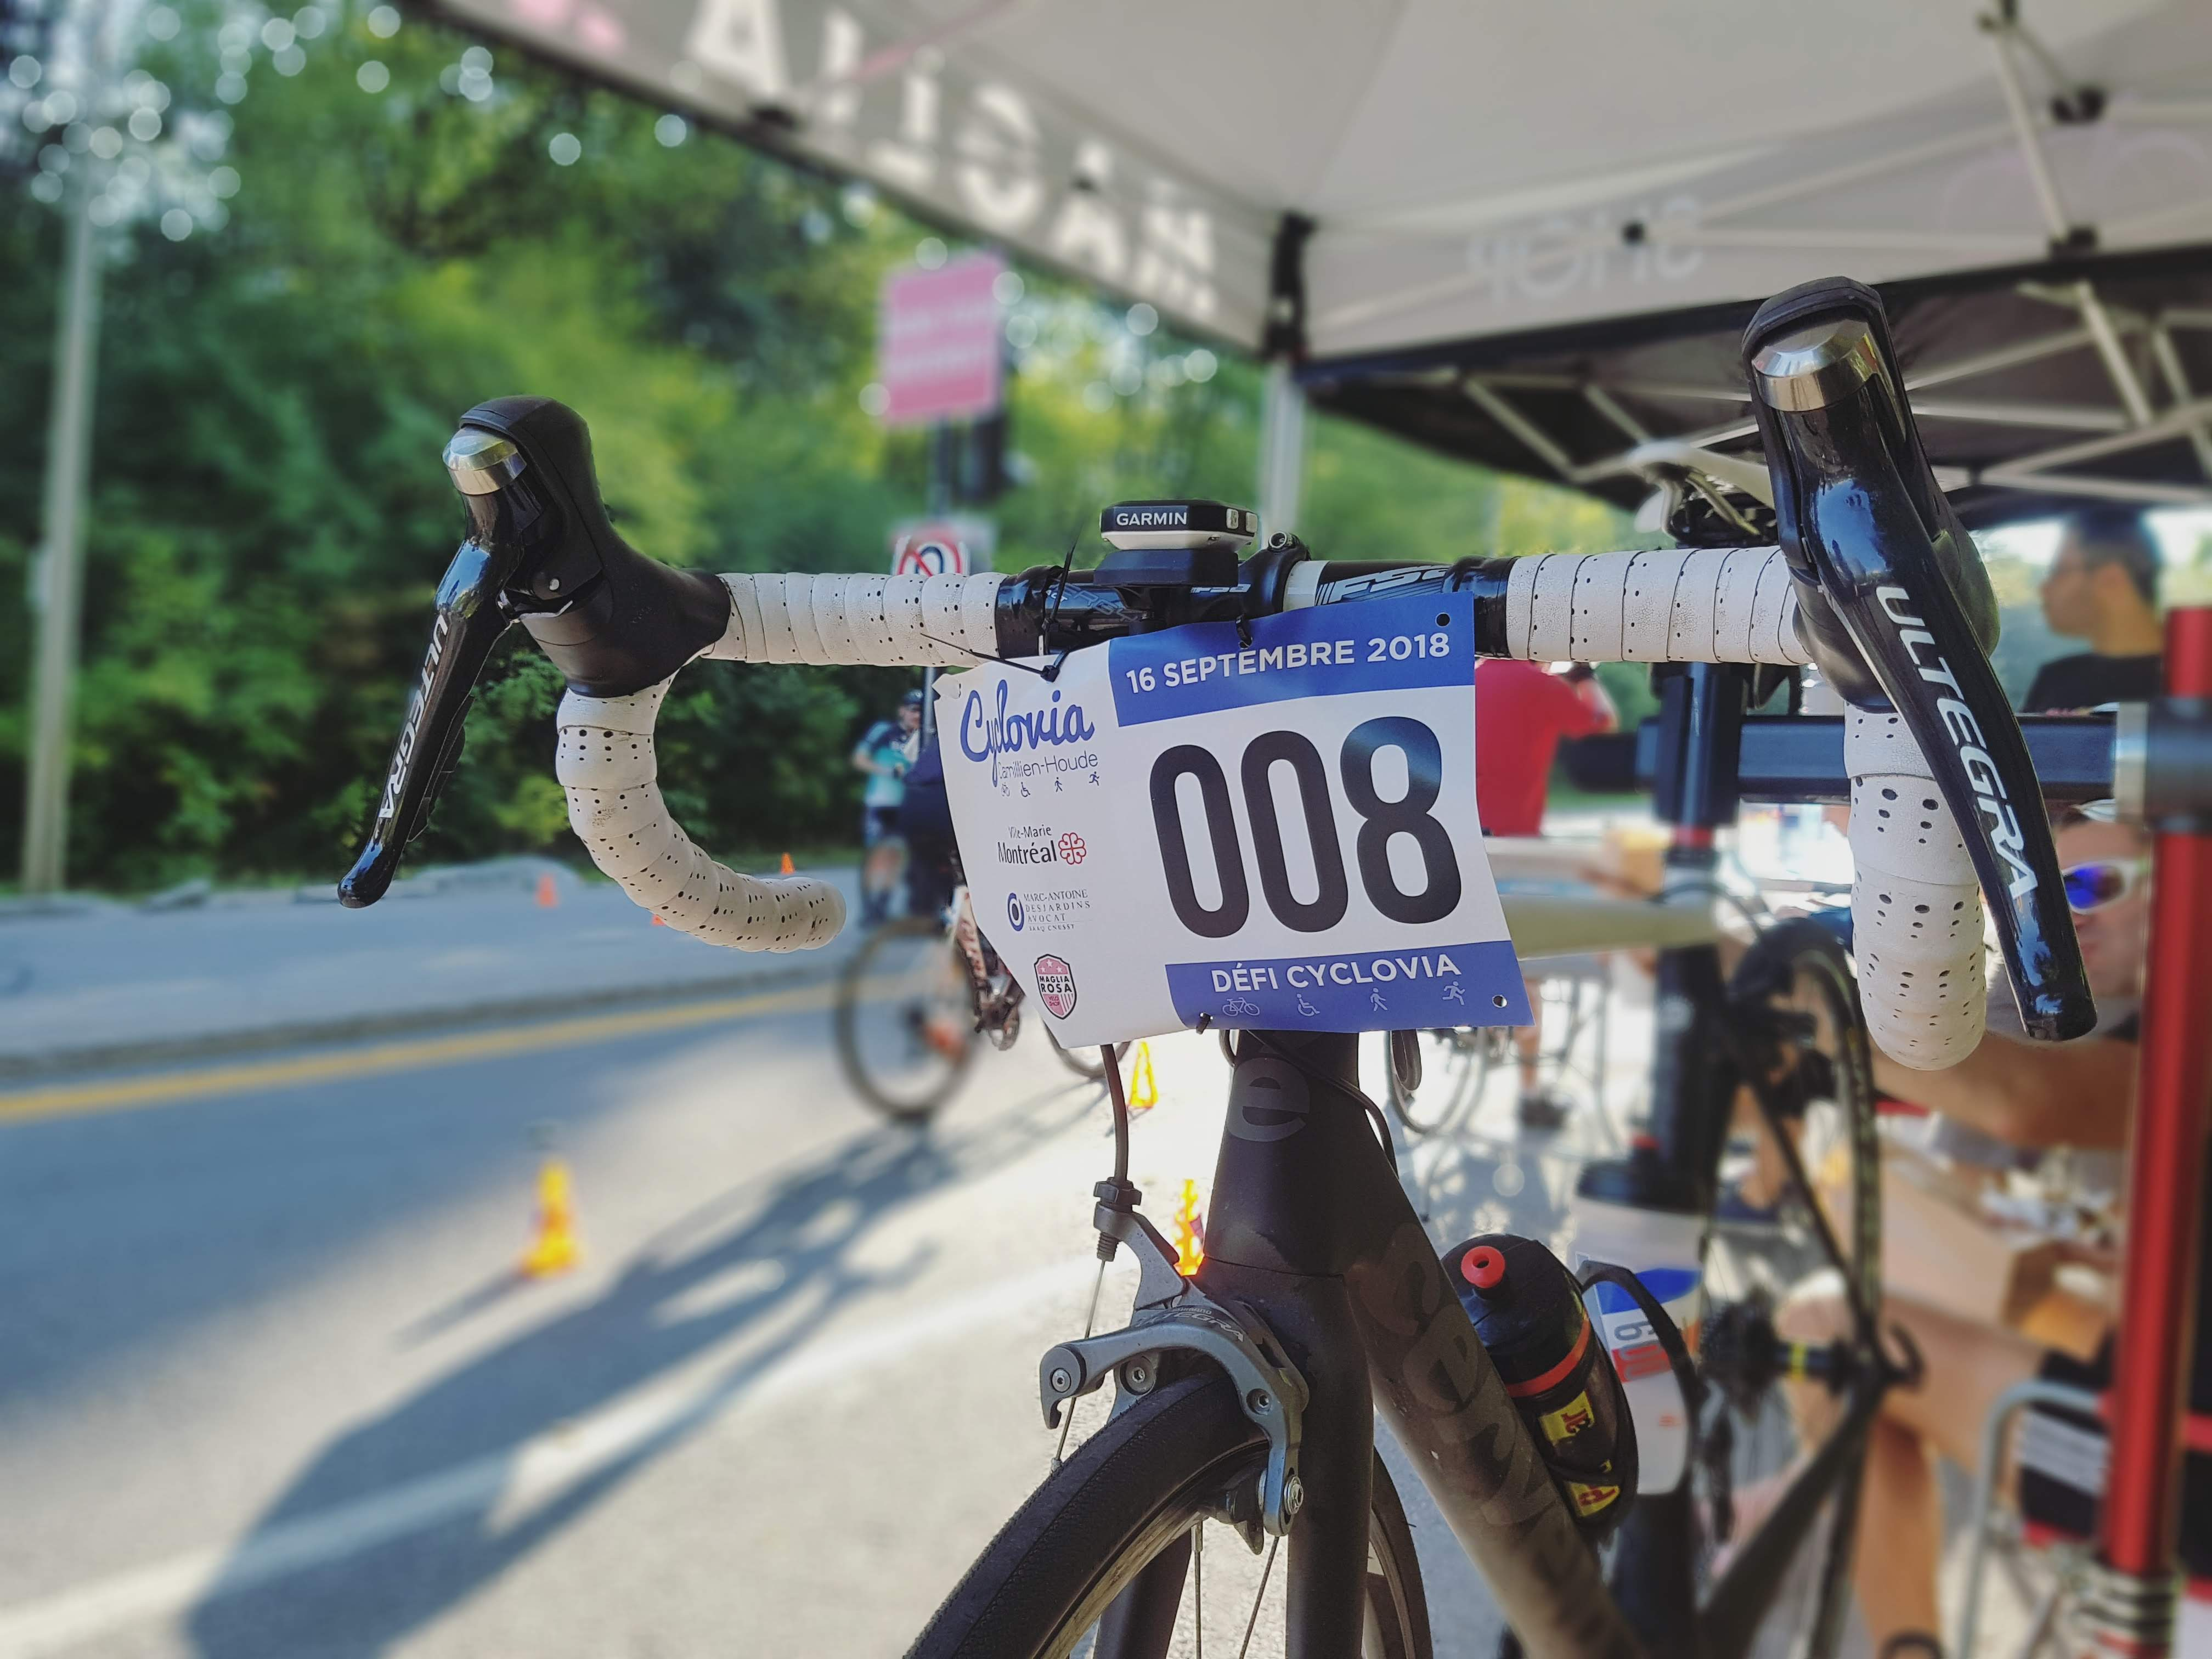 Cyclosportive Calendrier.Le Calendrier 2019 Des Gran Fondo Et Cyclosportives Du